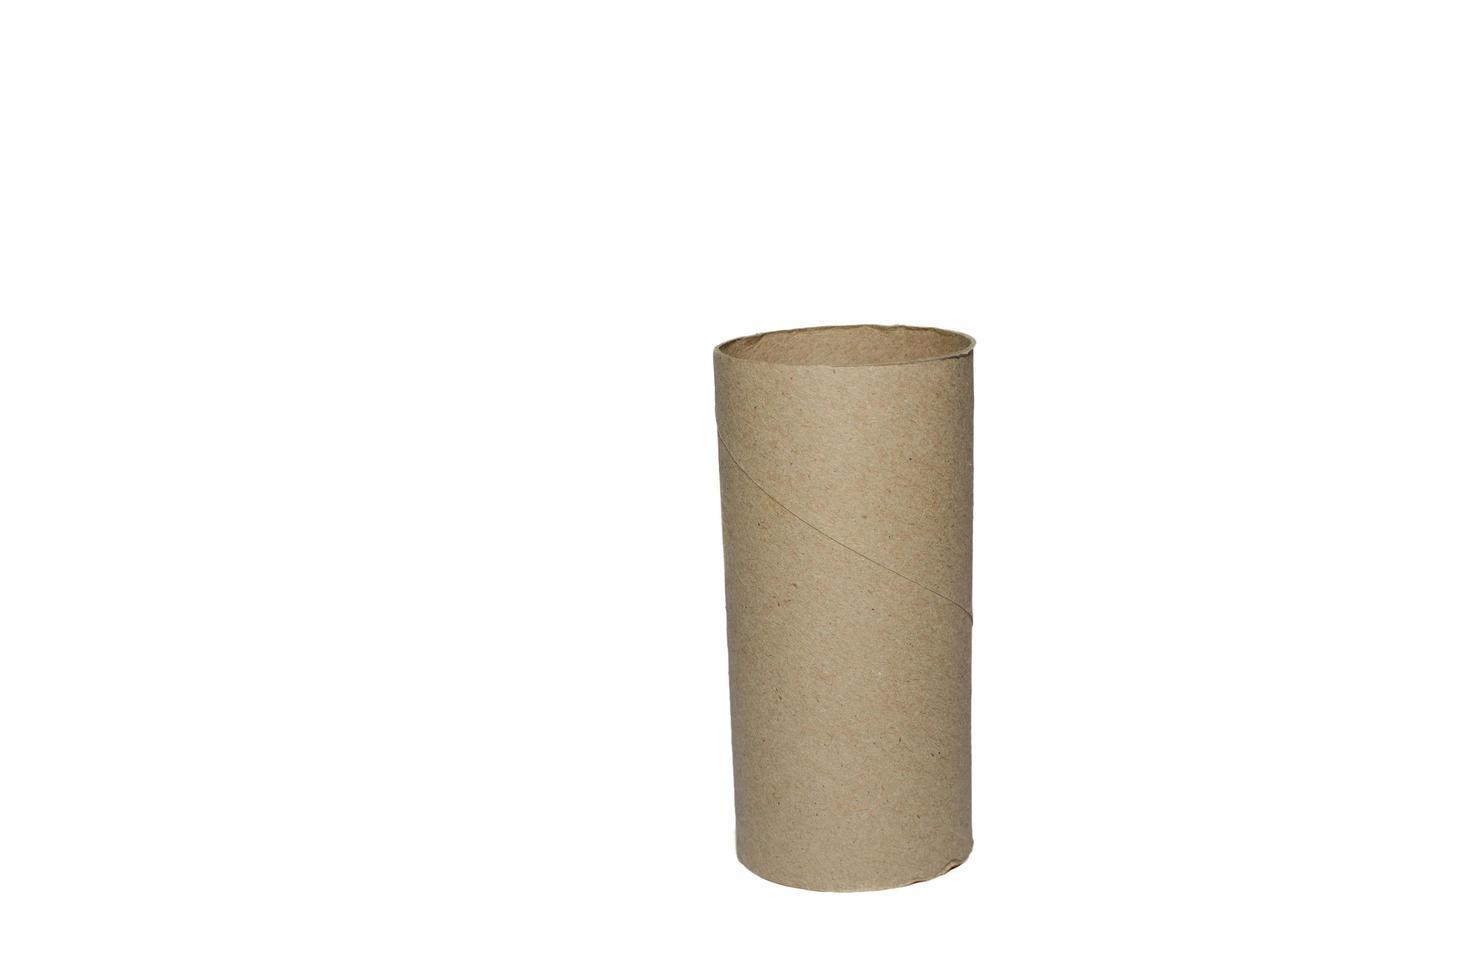 rotolo di cartone di carta igienica su sfondo bianco foto